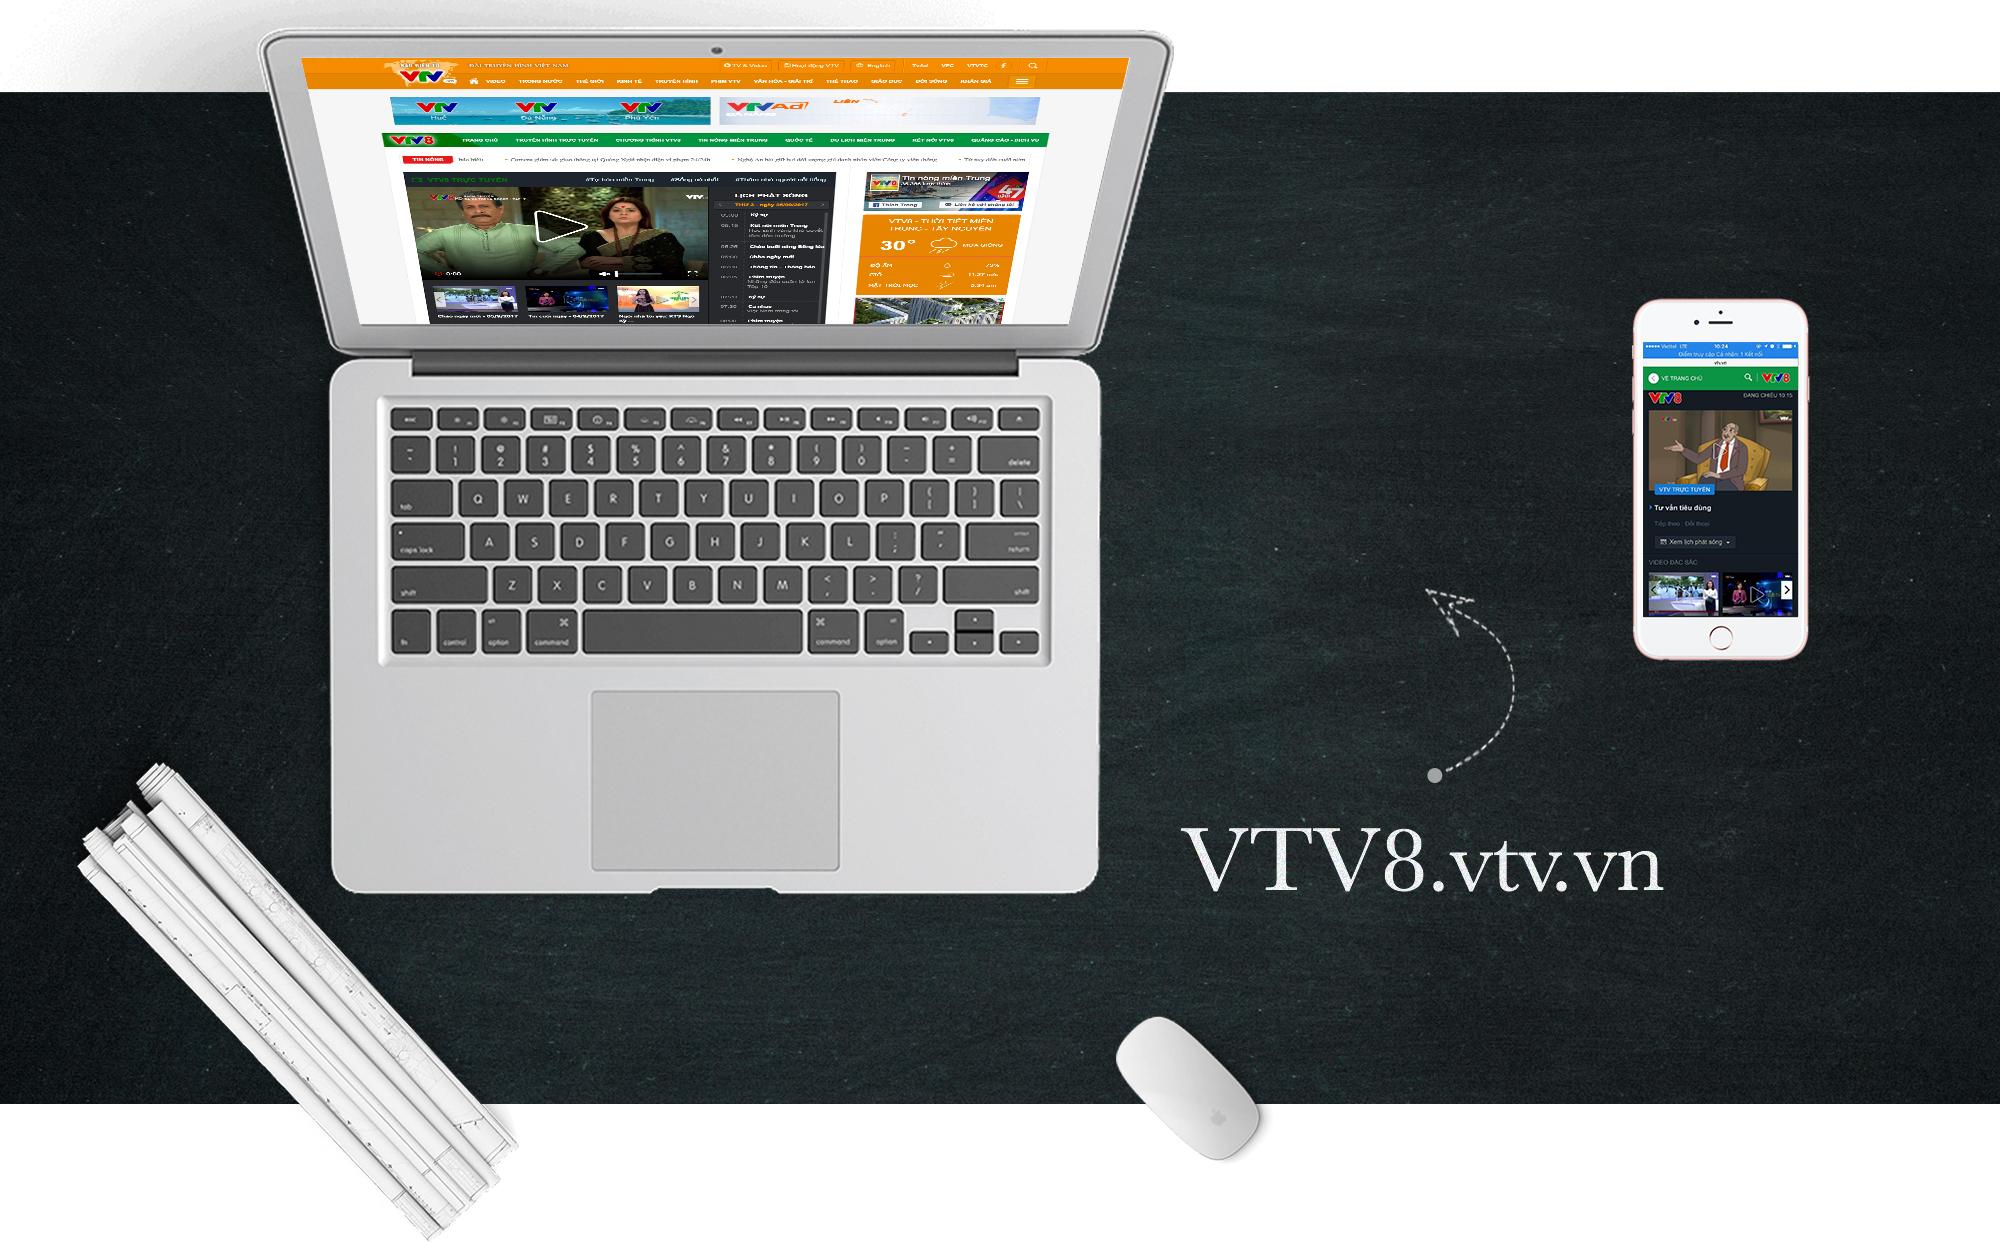 VTV8 và định hướng mới trên môi trường số - Ảnh 13.